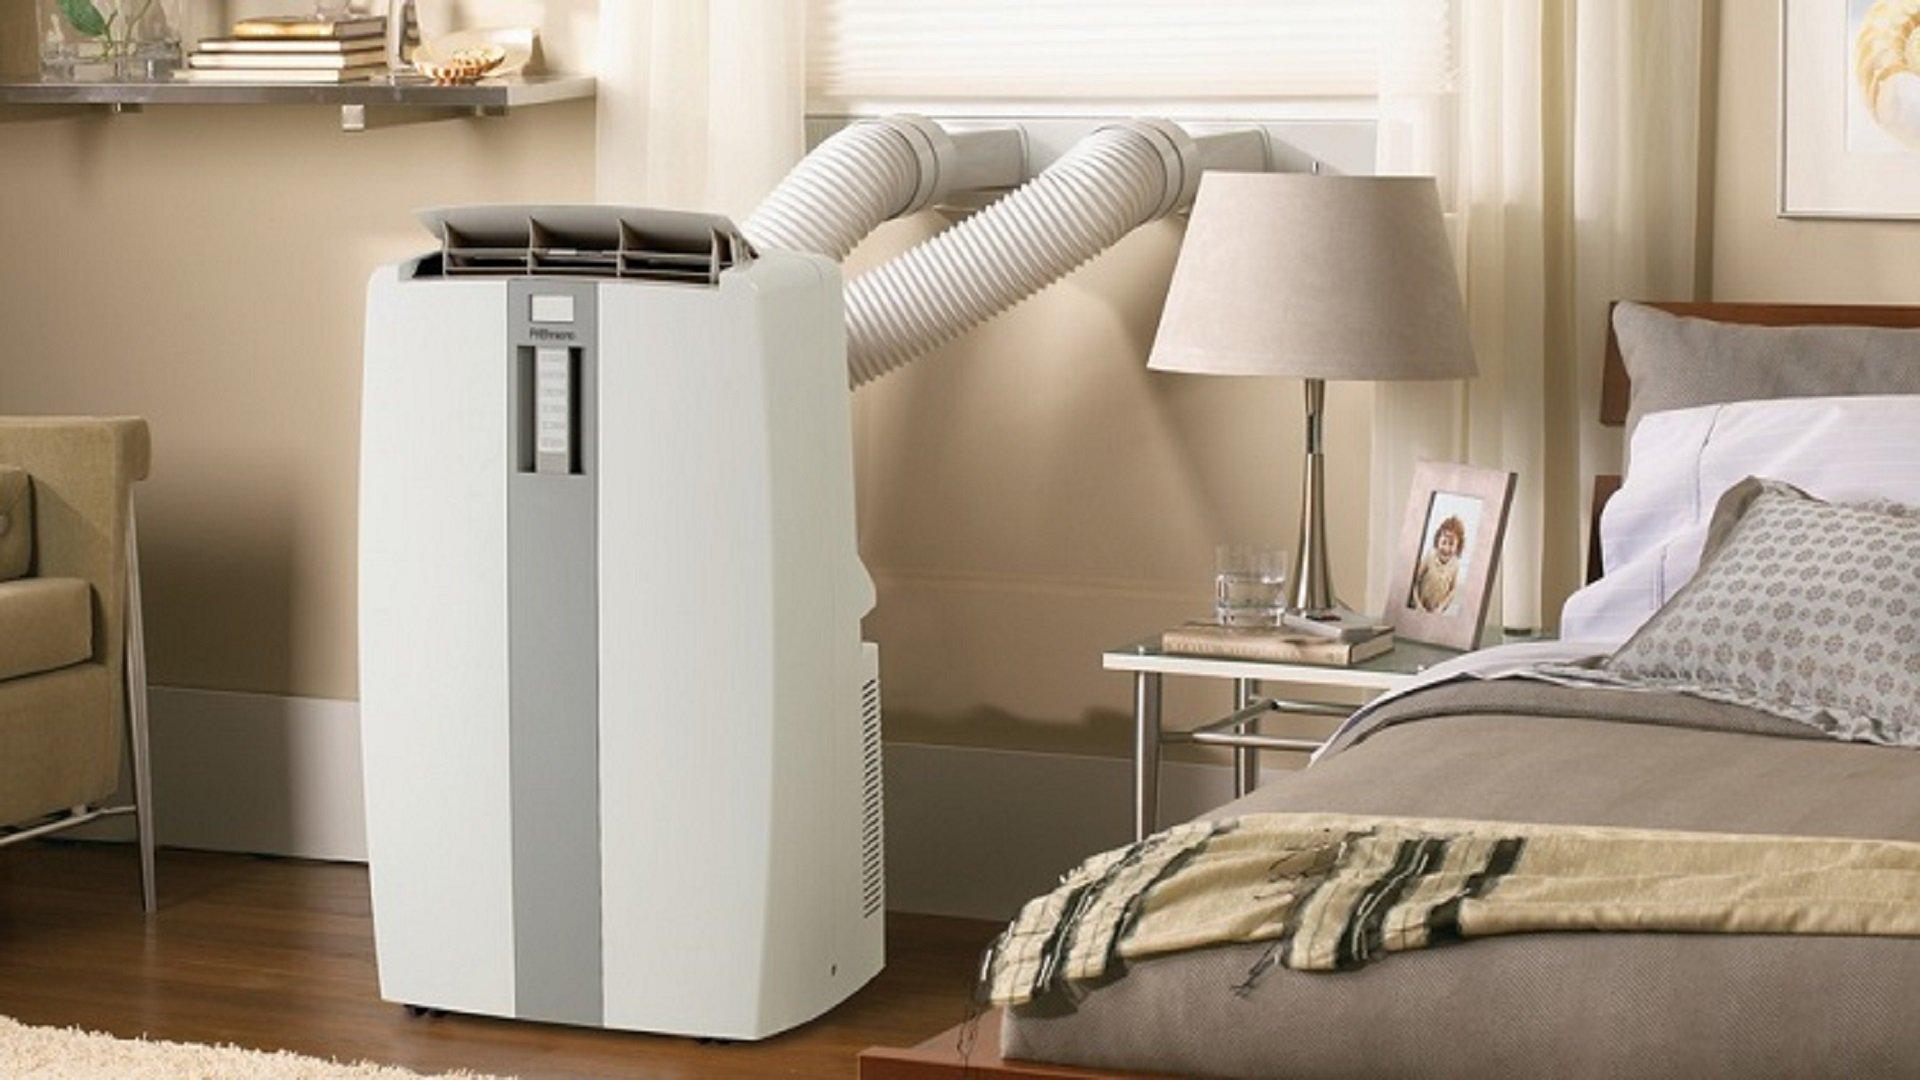 Comment choisir un climatiseur mobile monobloc